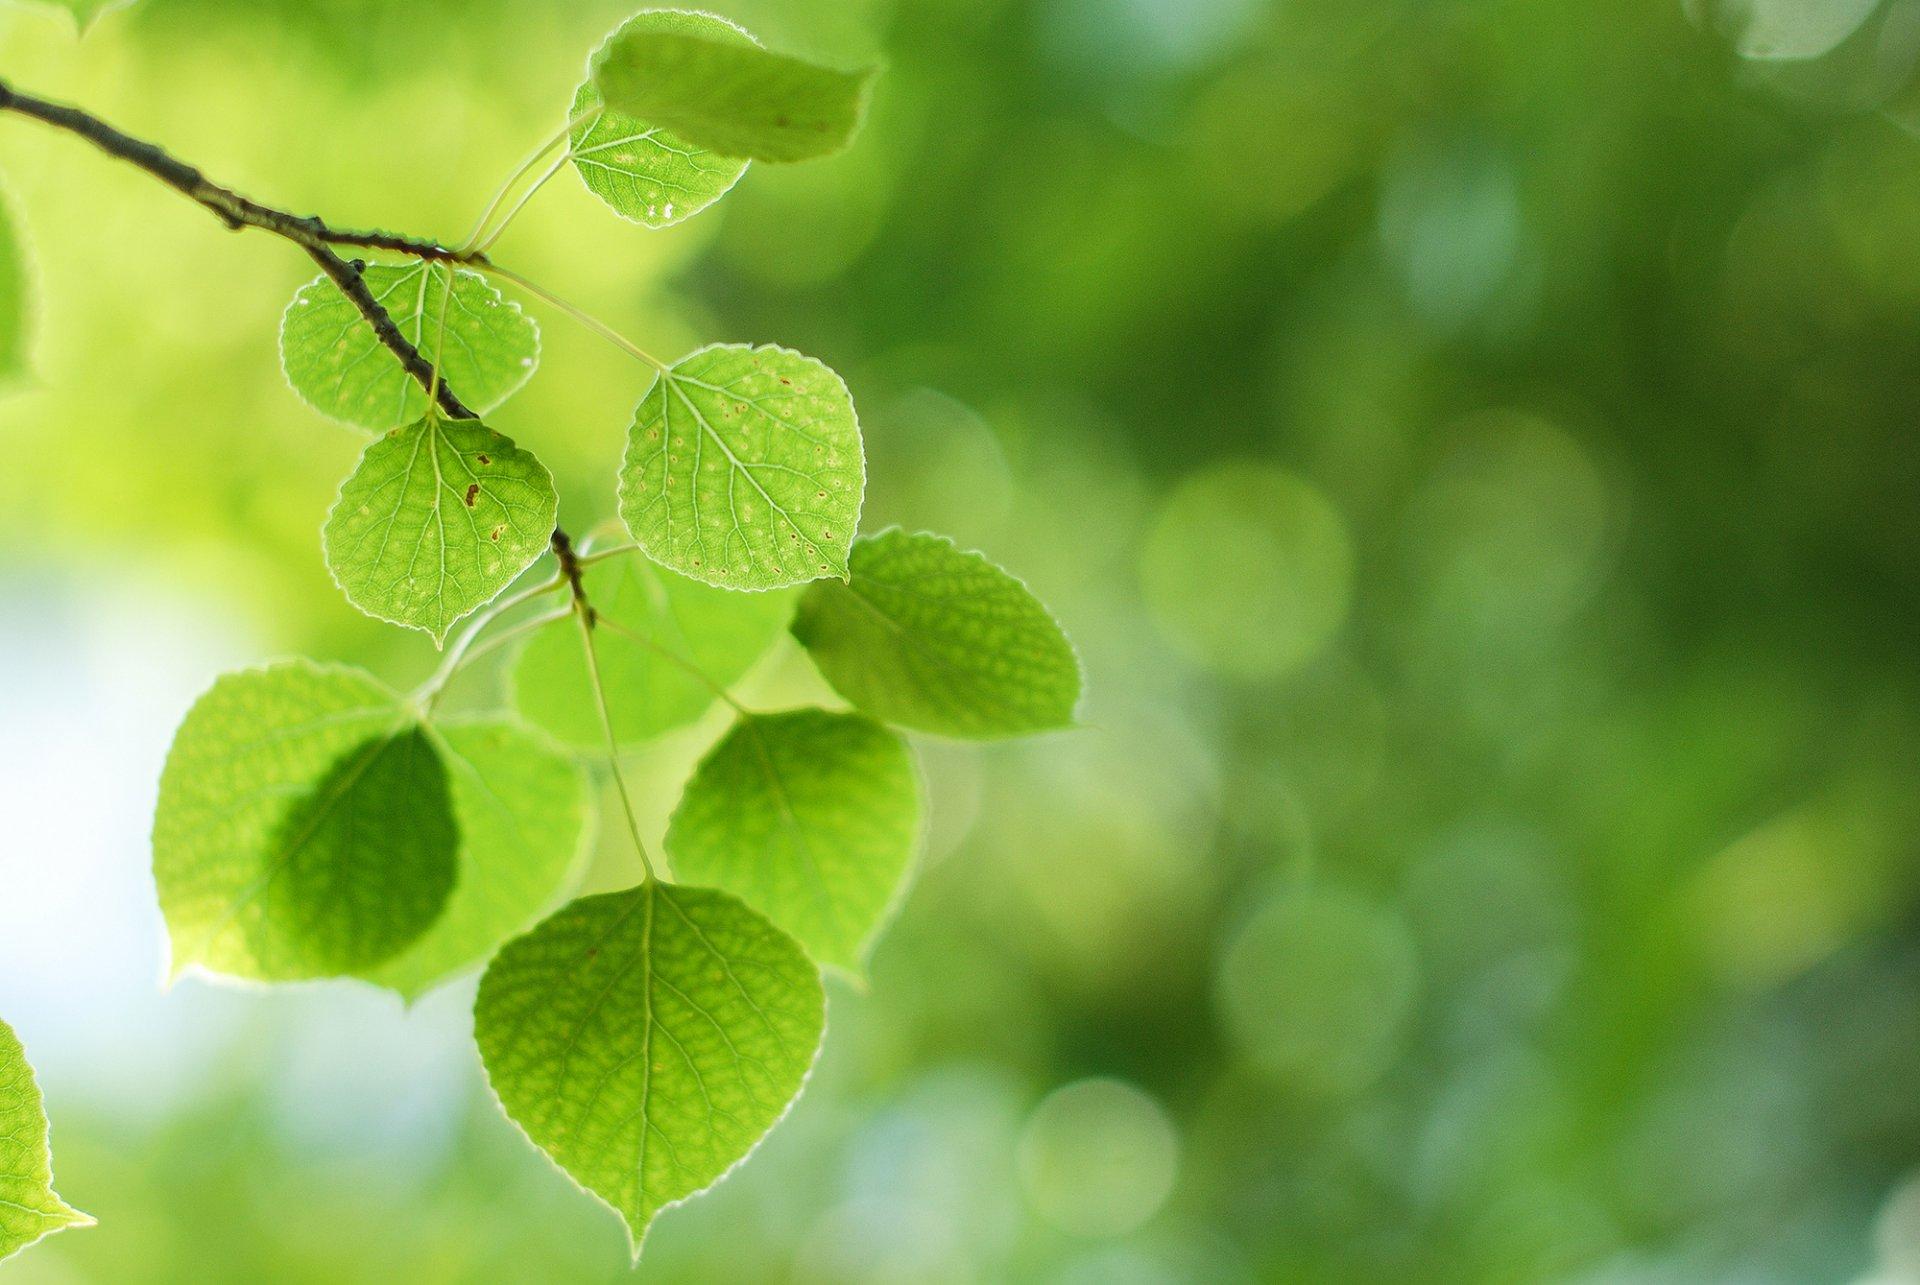 китайскому картинки природа листочки наклеивания